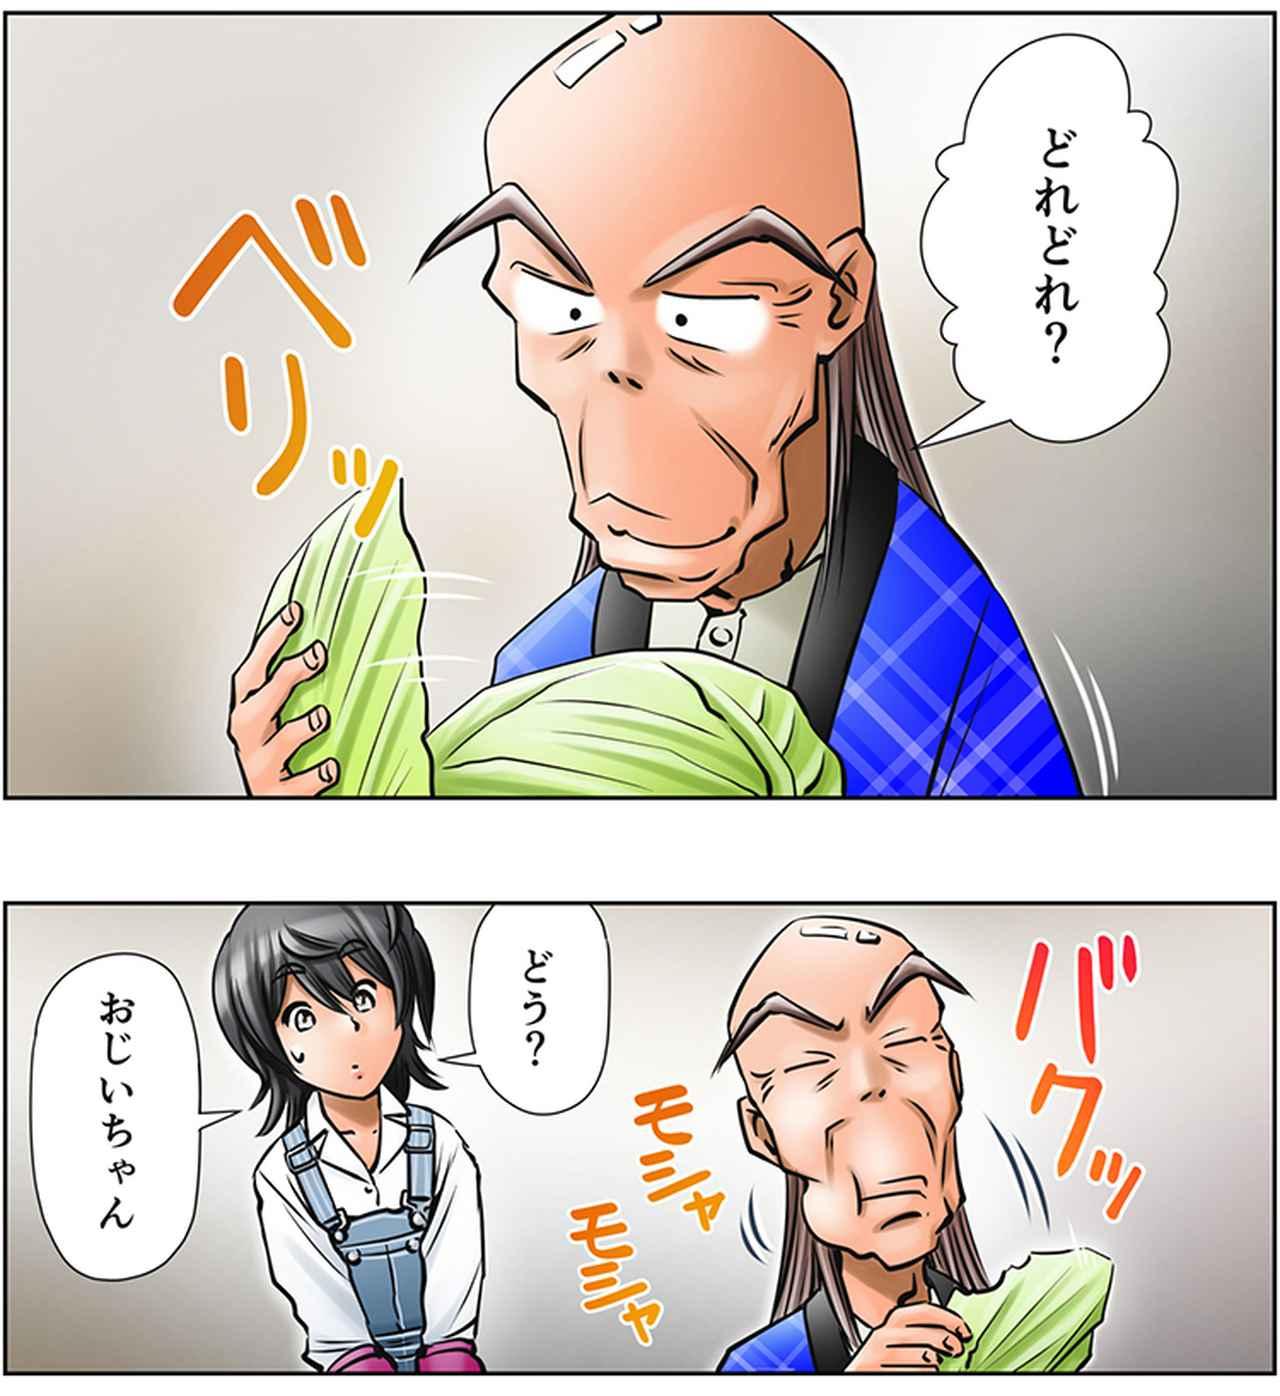 画像: 作った野菜の出来栄えはどうなのか……みのりちゃんの苦労が報われるかに注目したい最新話が公開!